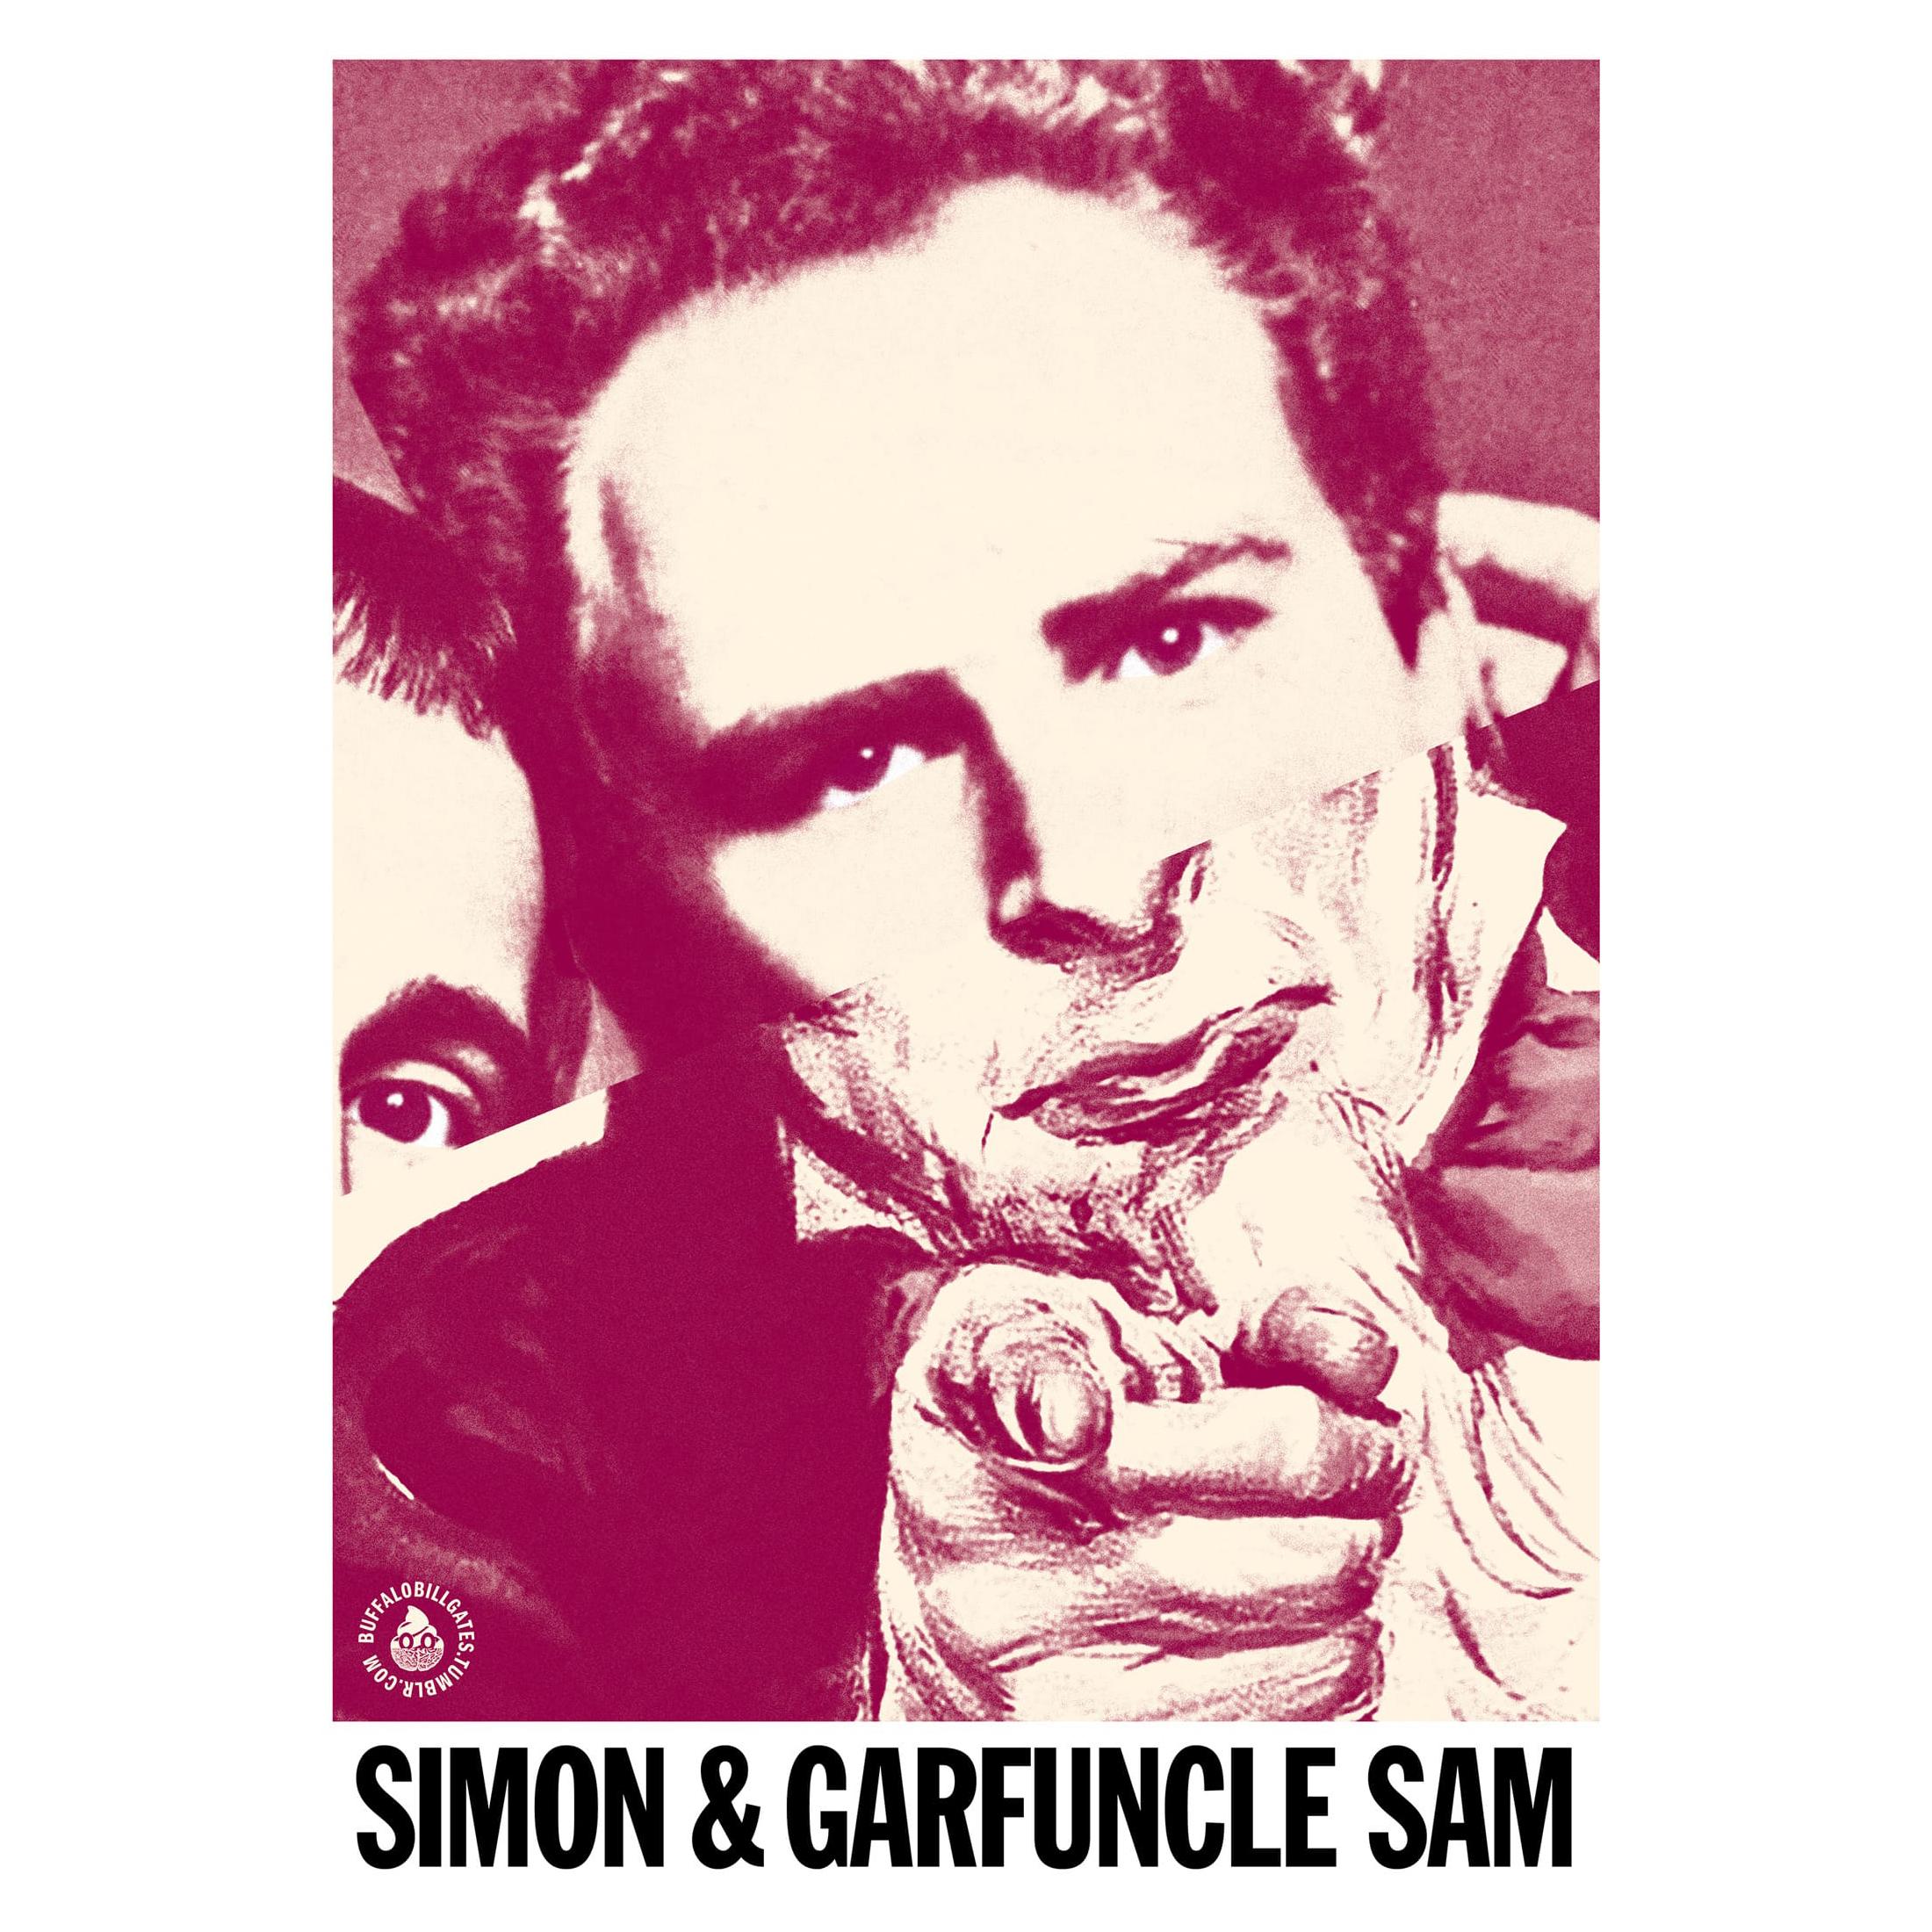 STUDIO KALLE MATTSSON 'SIMON & GARFUNCLE SAM' Mashup Art Print